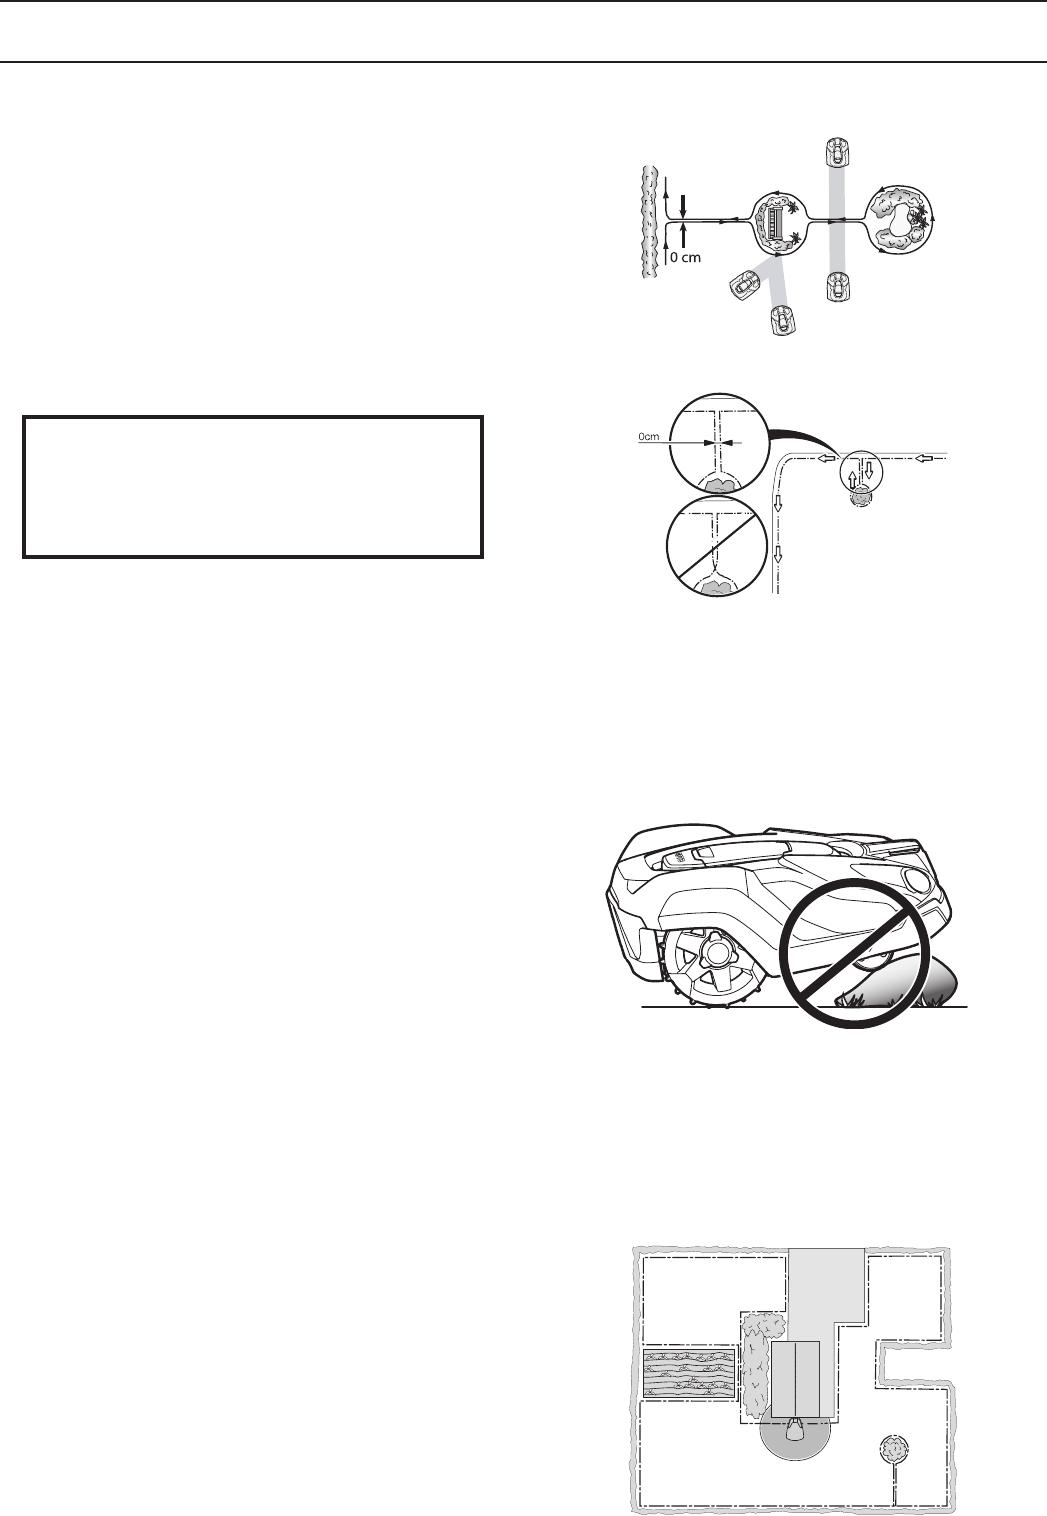 bedienungsanleitung husqvarna automower 320 seite 25 von 96 deutsch. Black Bedroom Furniture Sets. Home Design Ideas